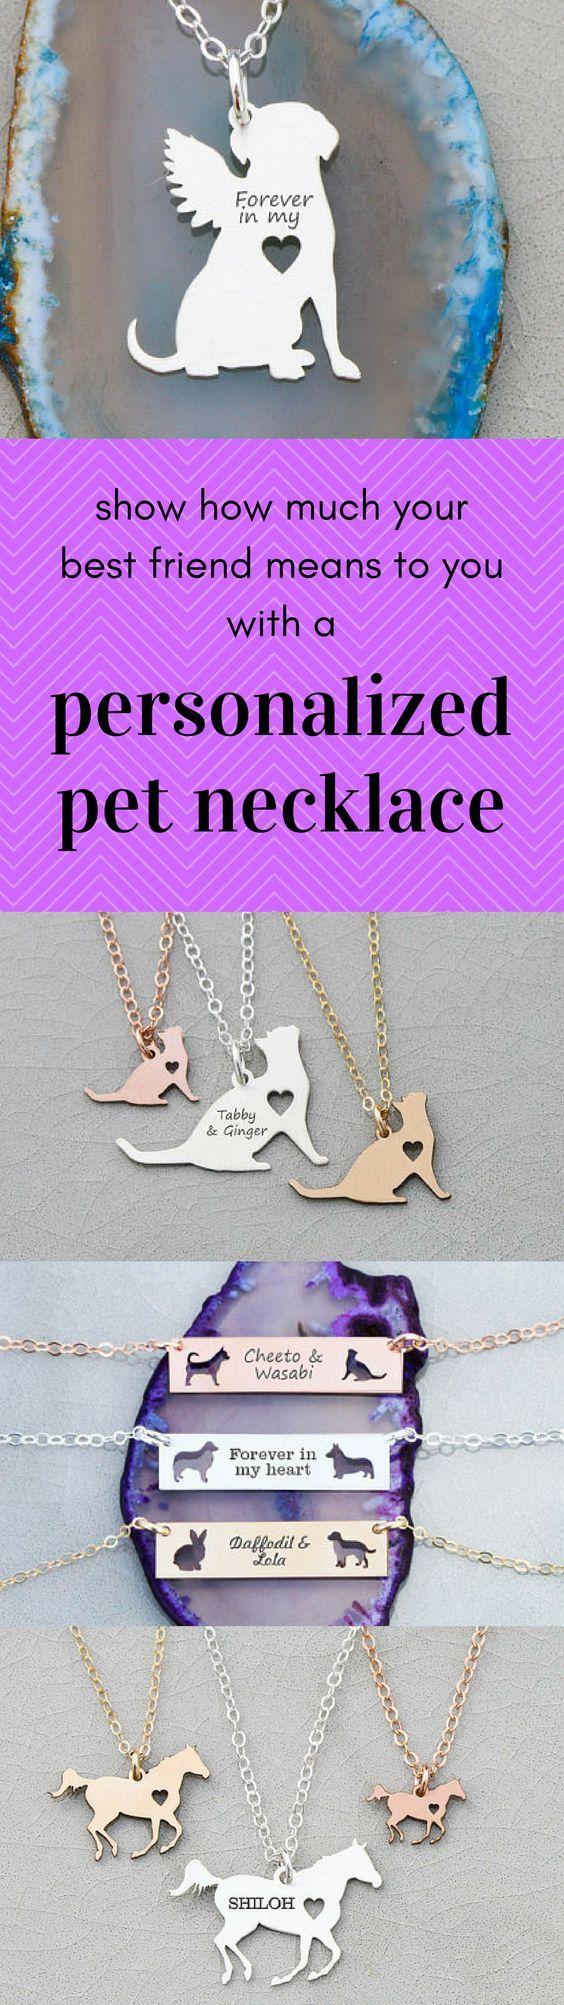 395 besten Dogs & Cats Bilder auf Pinterest | Will dich